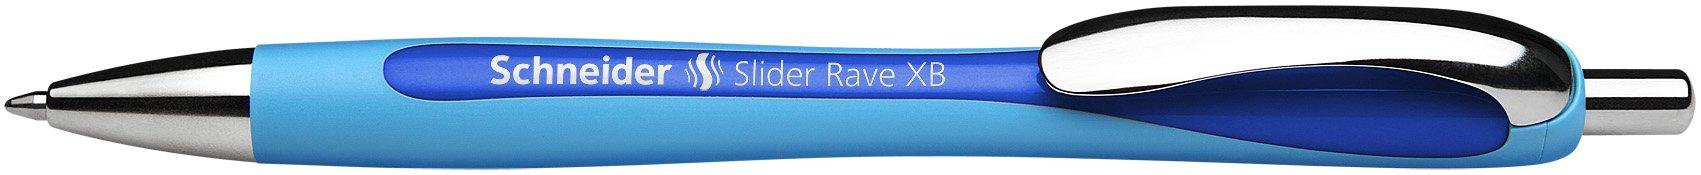 Schneider Slider Rave XB Ballpoint Pen, Box of 5, Blue (132503) by Schneider (Image #11)